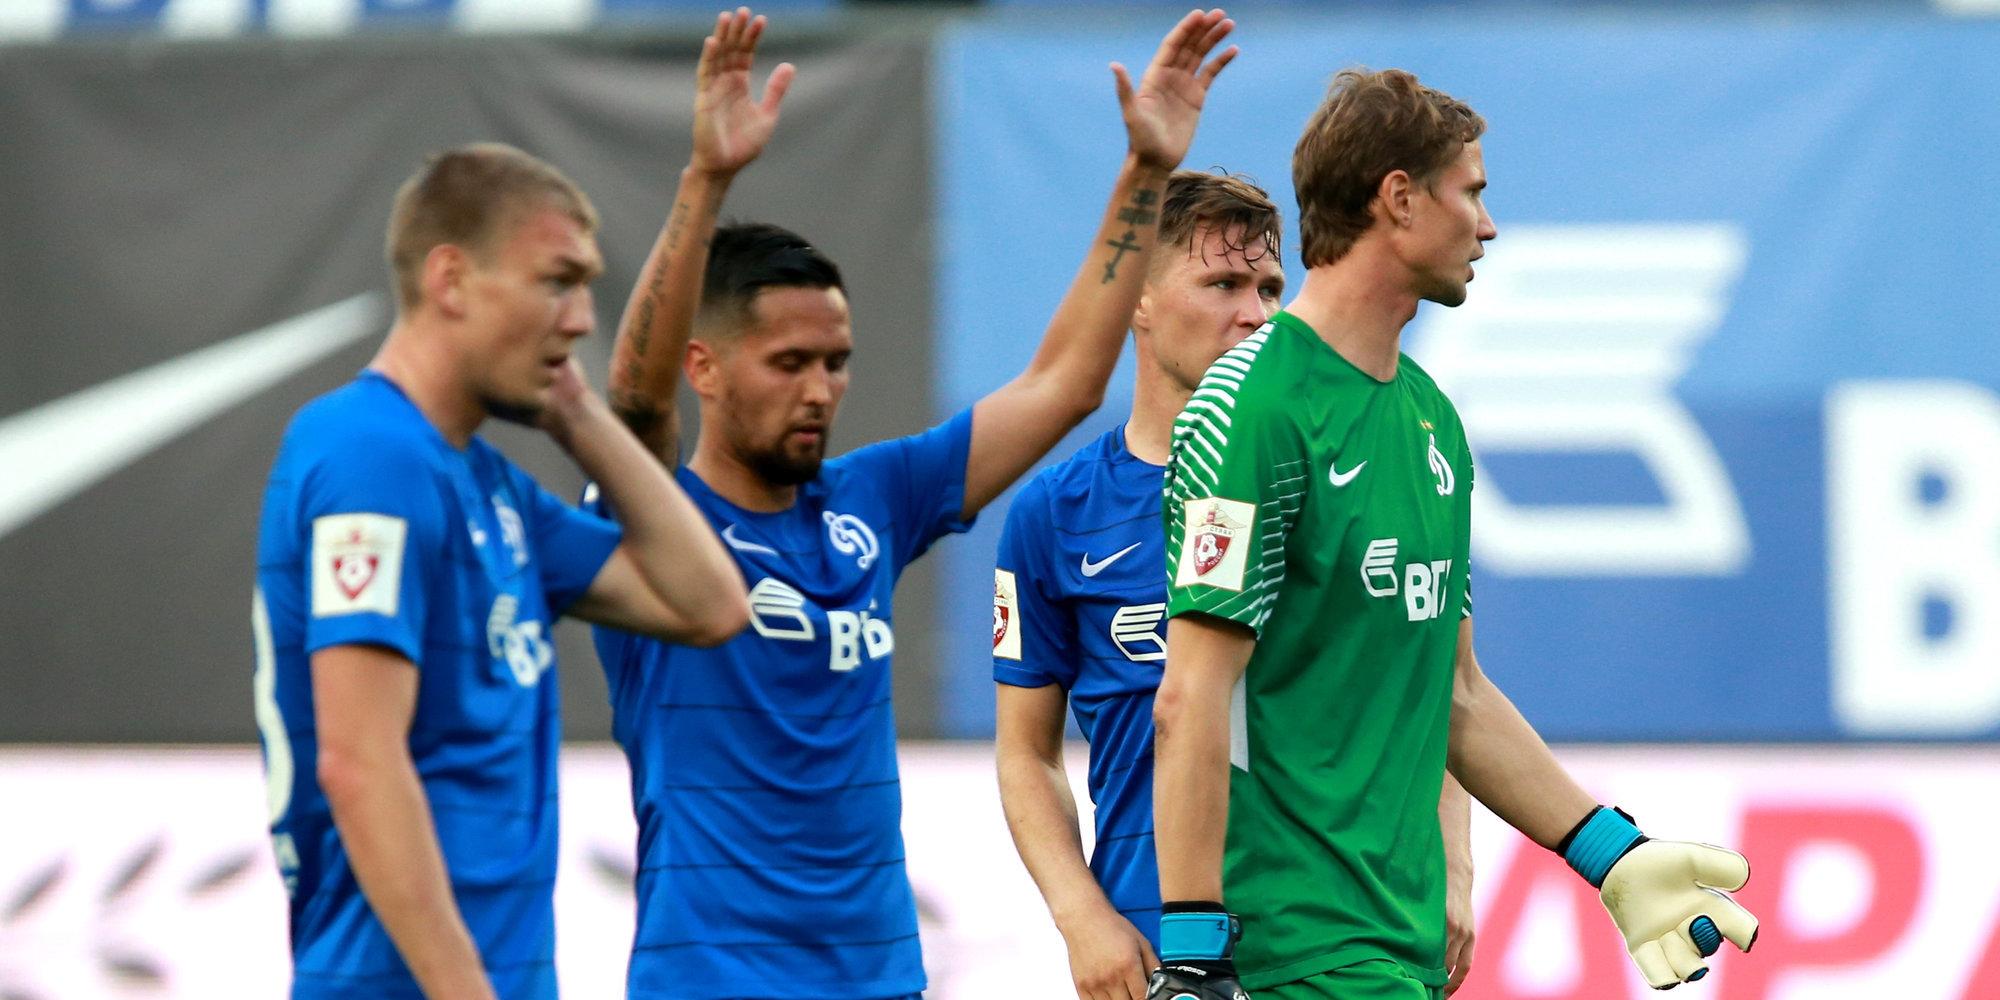 Руководство «Динамо» невыплатило футболистам бонус завыход вРФПЛ